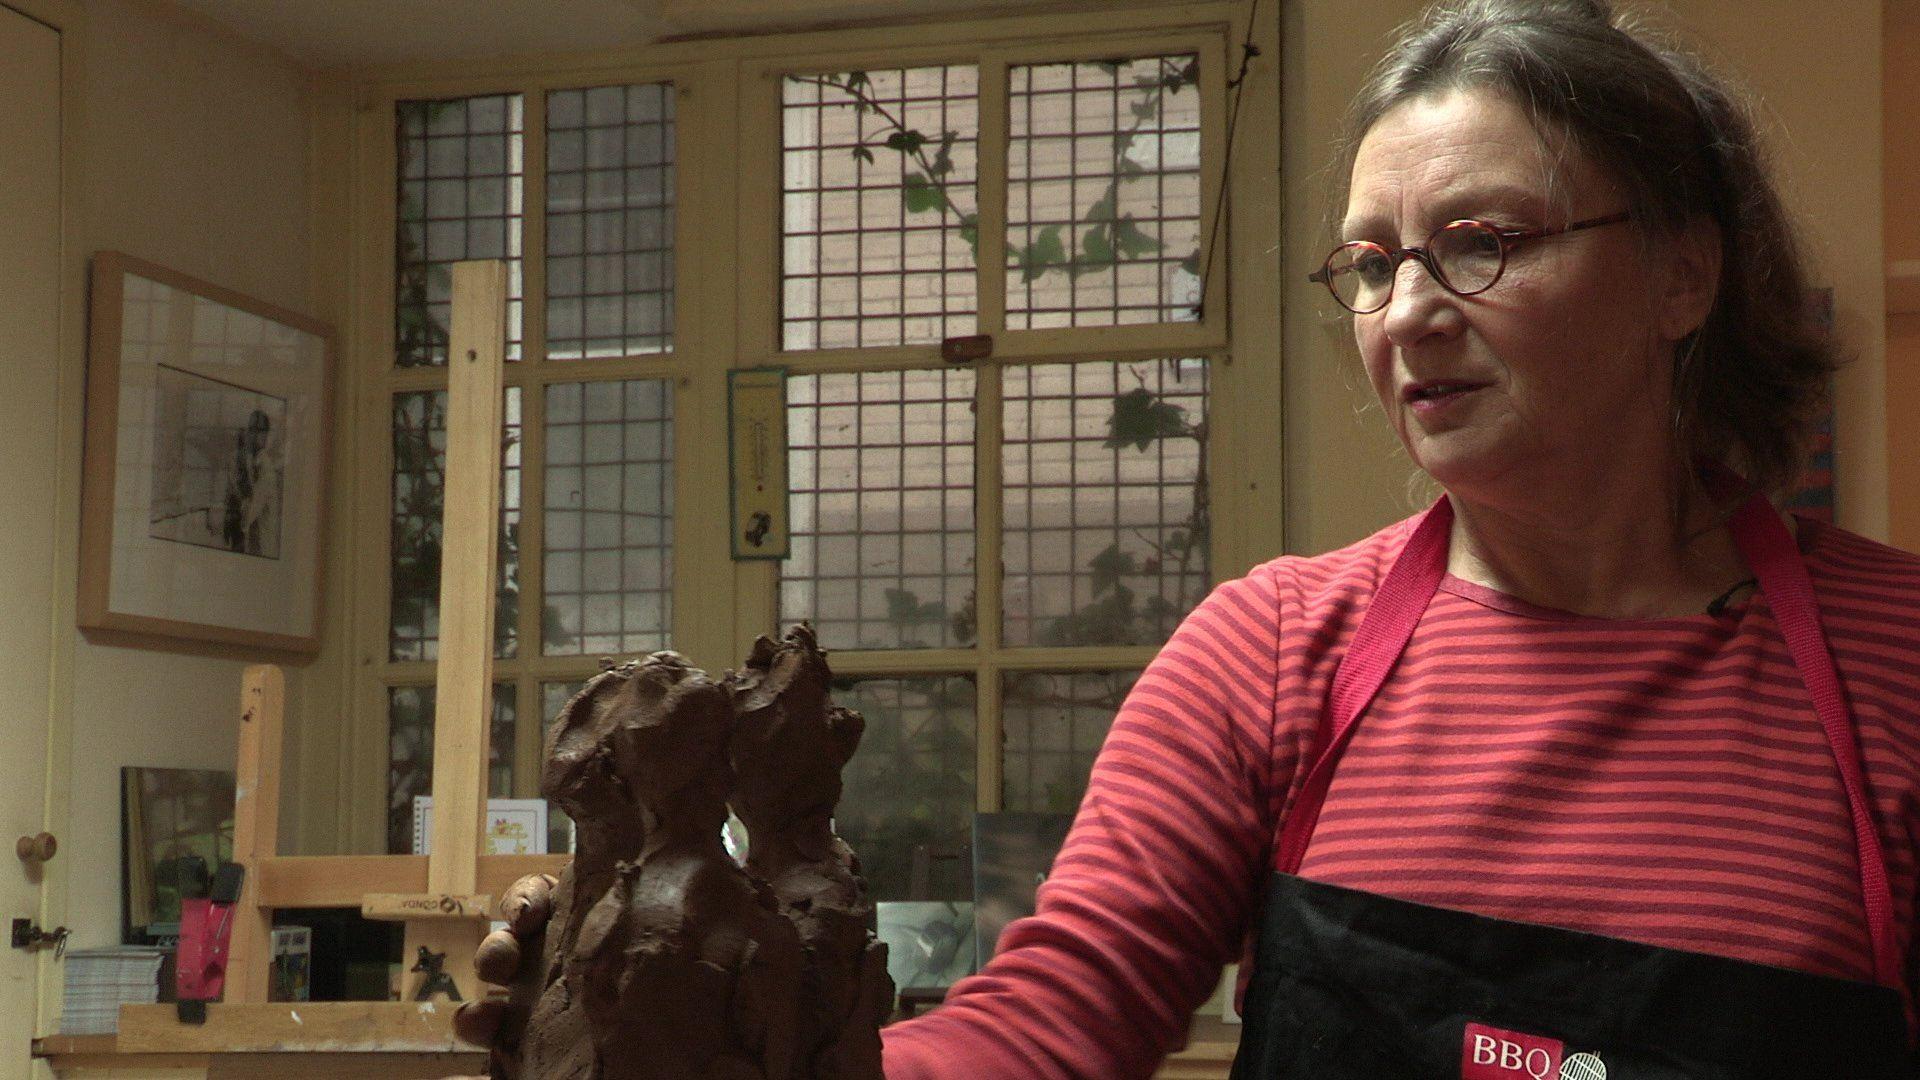 Atelier PS - skulpturverkstad & ateljé